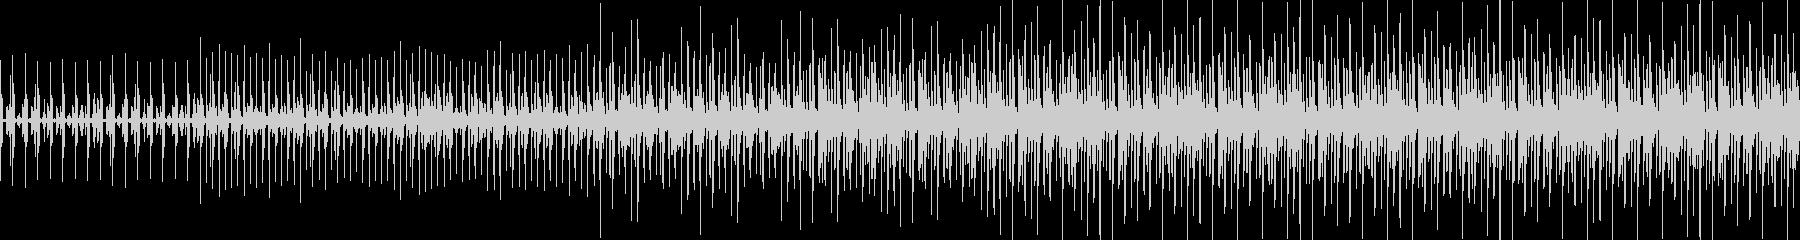 ループ可 民族音楽でリズムだけのBGMの未再生の波形